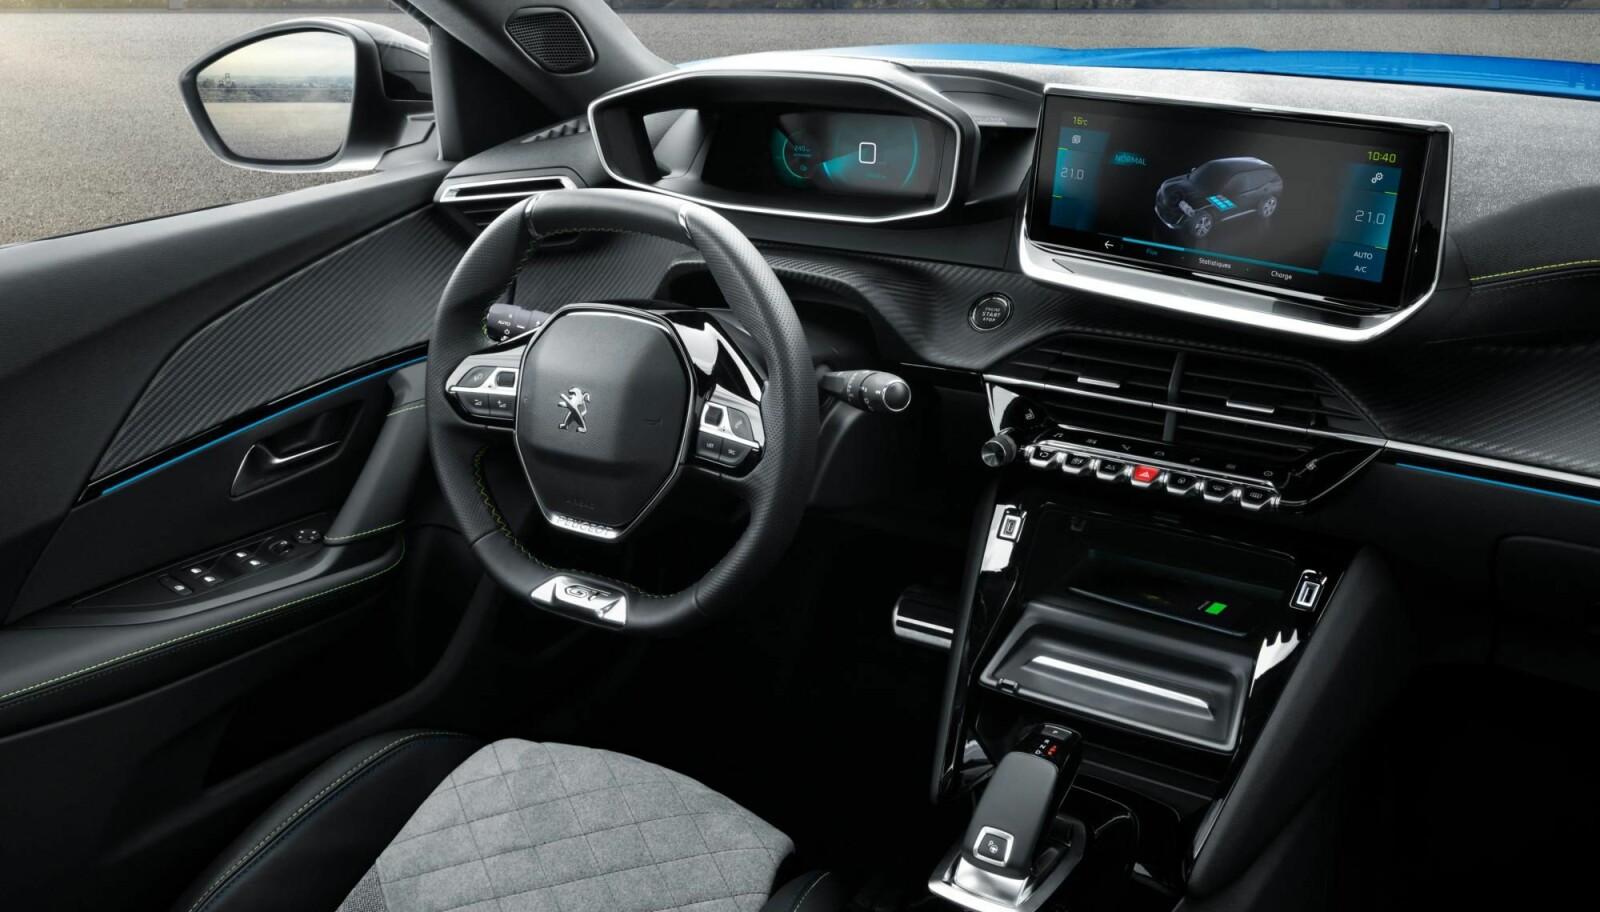 MODERNE: Peugeot i-cockpit 3D skal gi god oversikt. Det lille rattet er blitt en egen Peugeot-signatur.